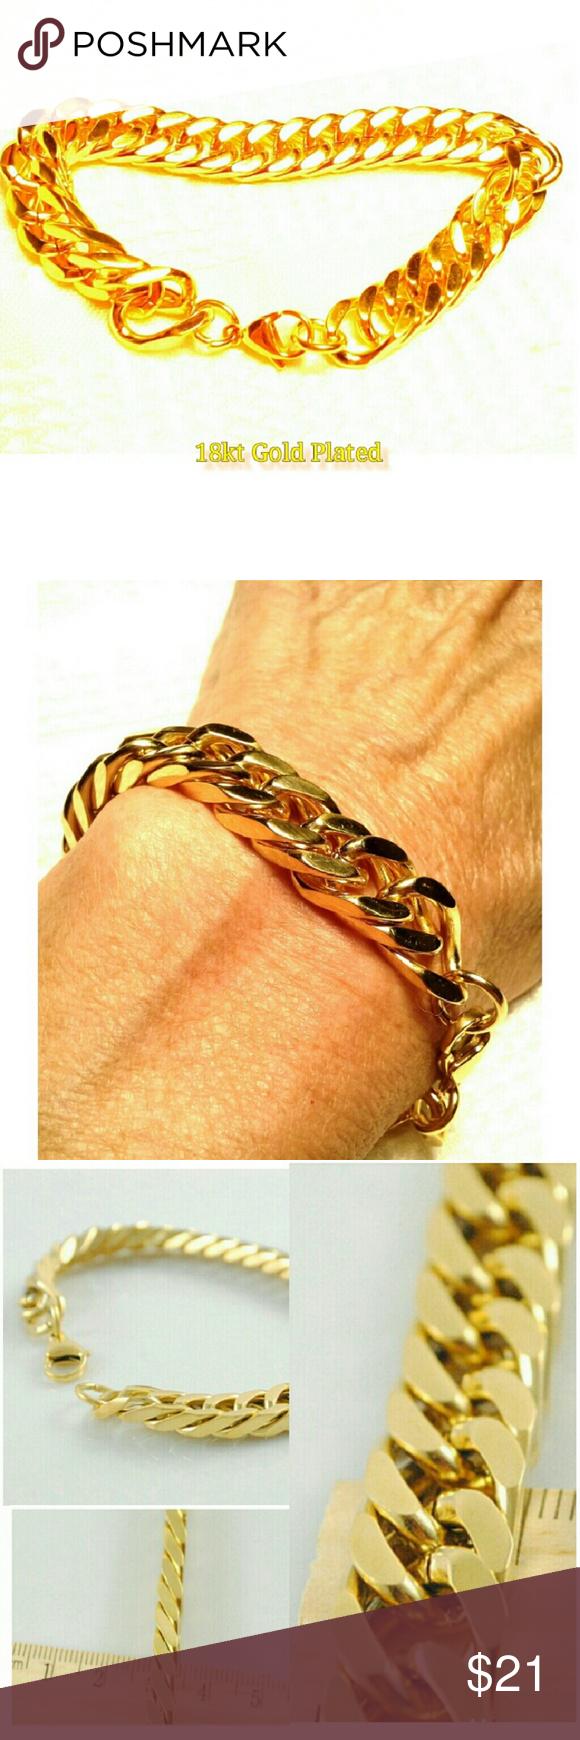 kt gold pltd stainlss steel unisex bracelet boutique jewelry